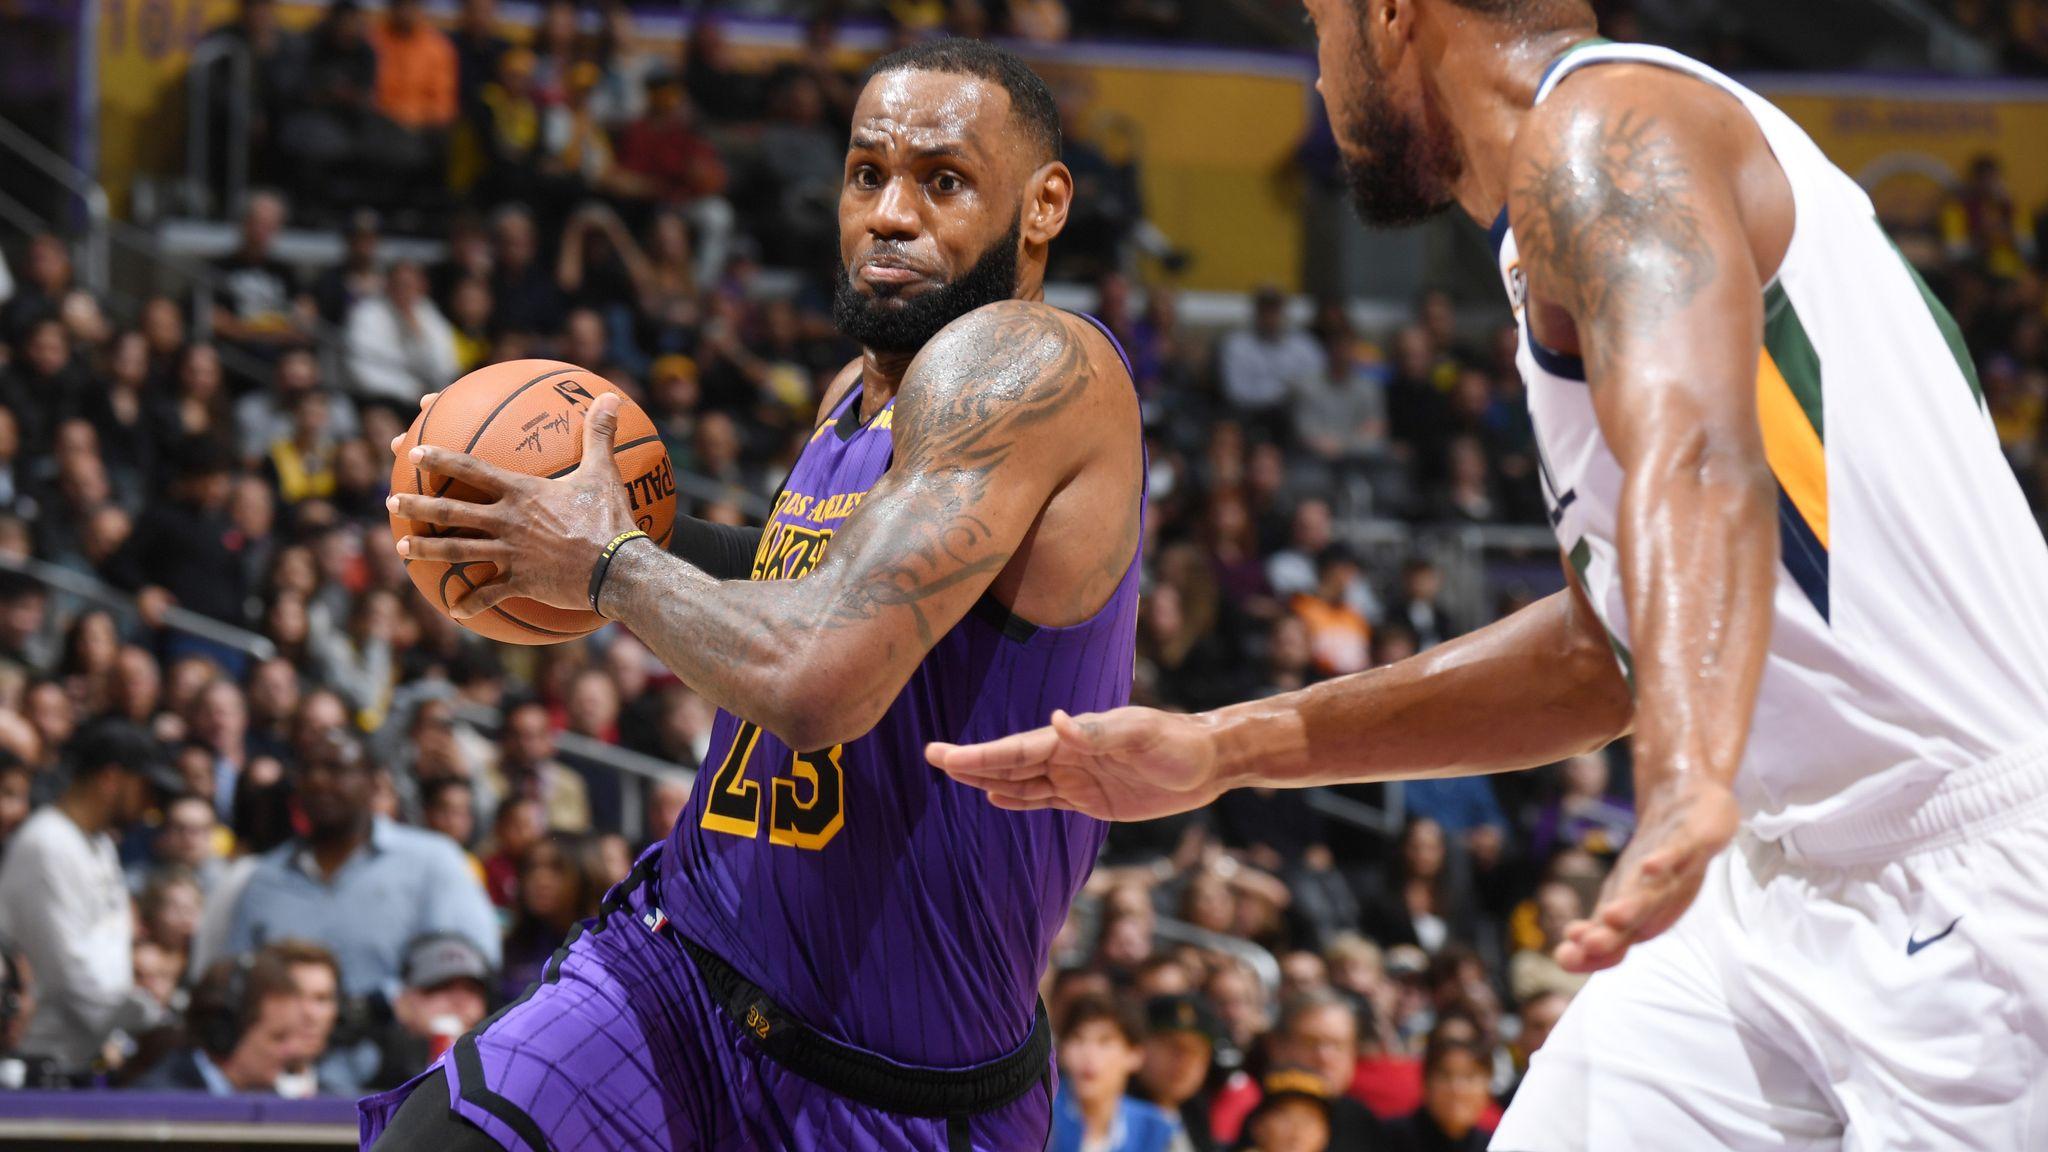 ee1ec61b965 LeBron James grabs double-double as Los Angeles Lakers beat Utah Jazz